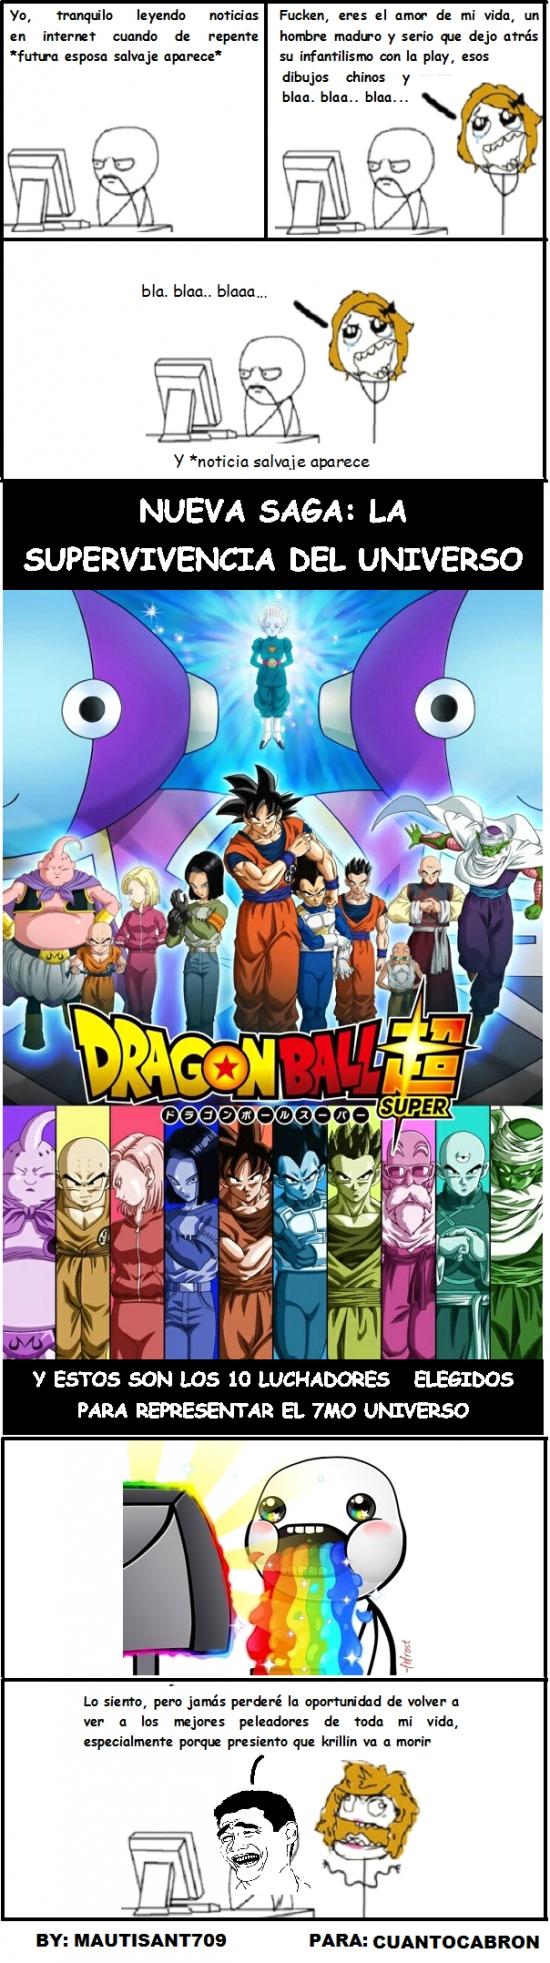 Yao - Nueva Saga de Dragon Ball Super. Adiós madurez...